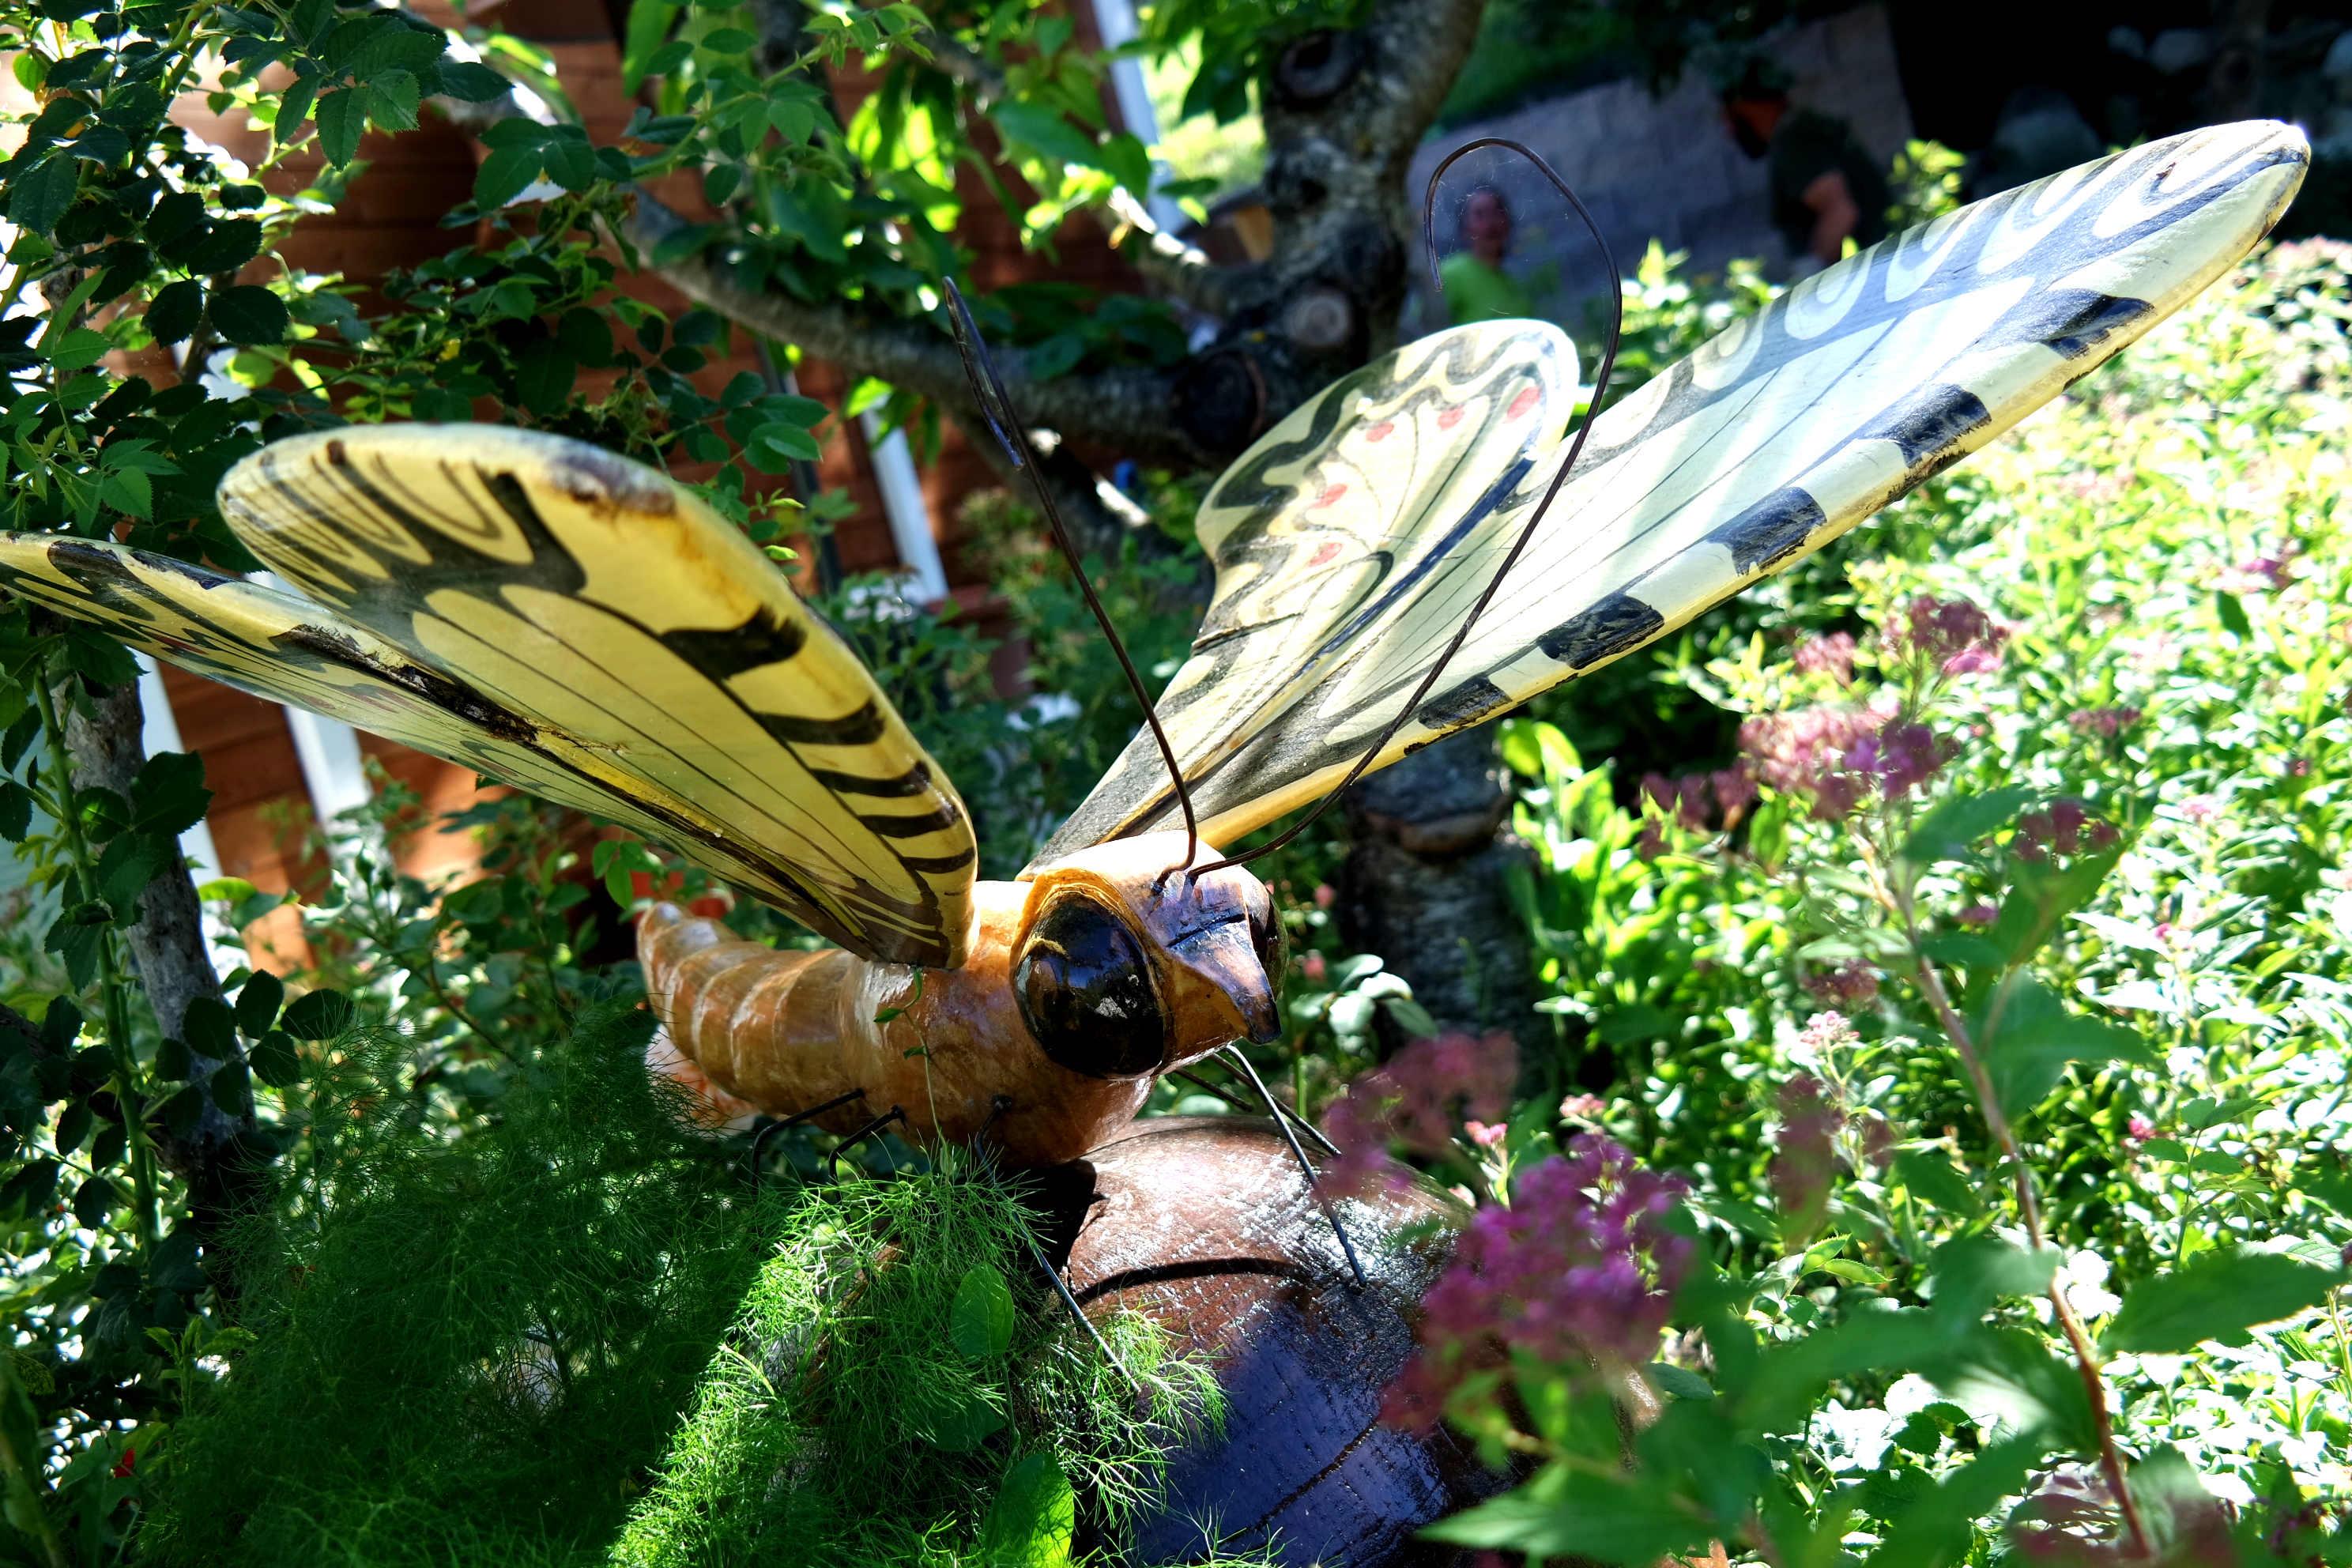 Il giardino dove le farfalle volano alto